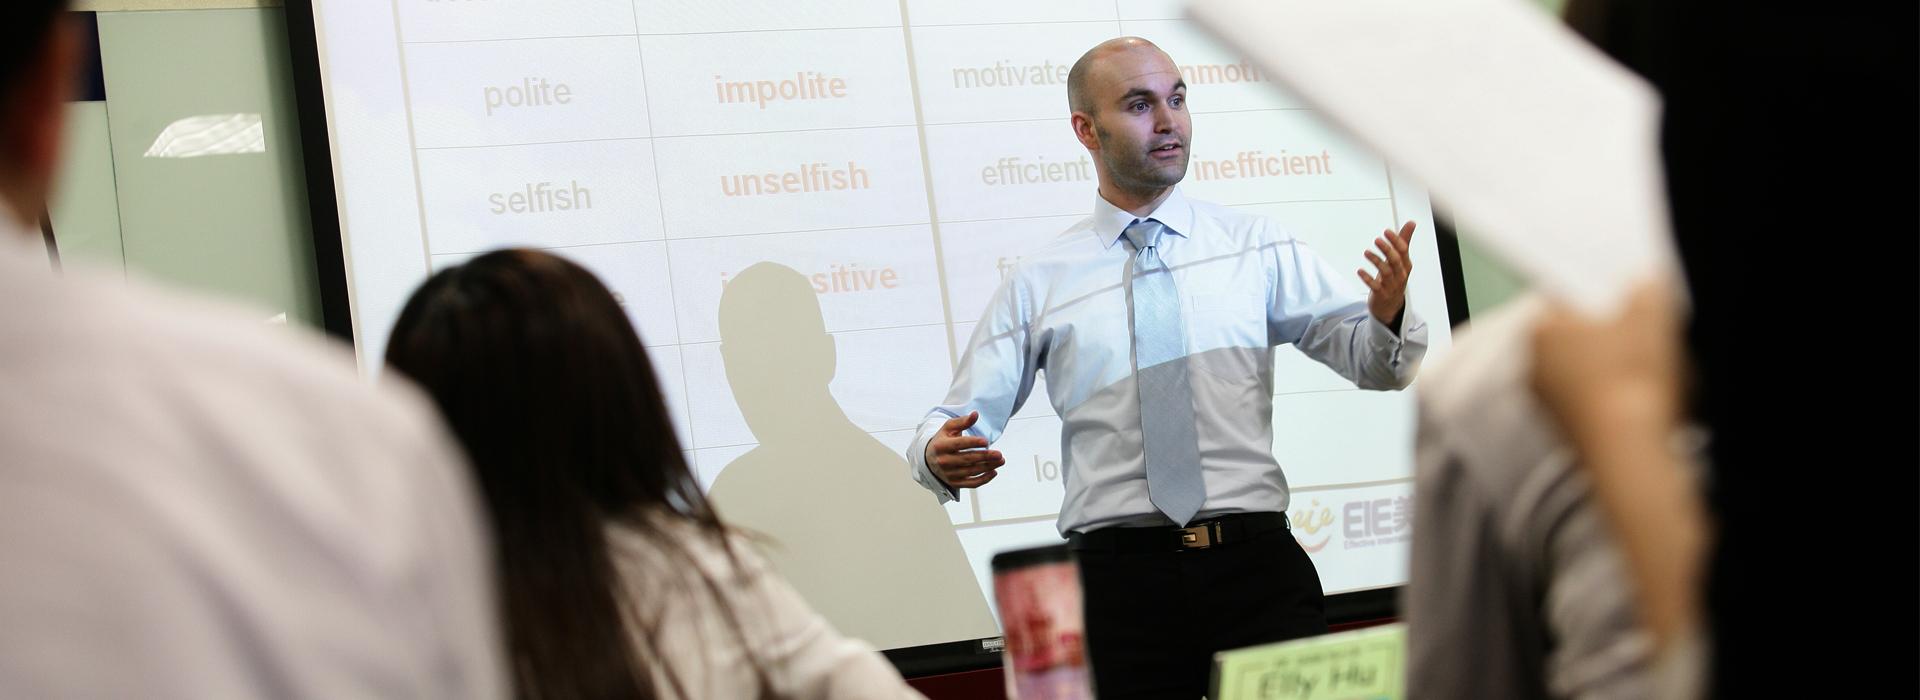 職涯如何更上一層樓?—投資英文 報酬率最高